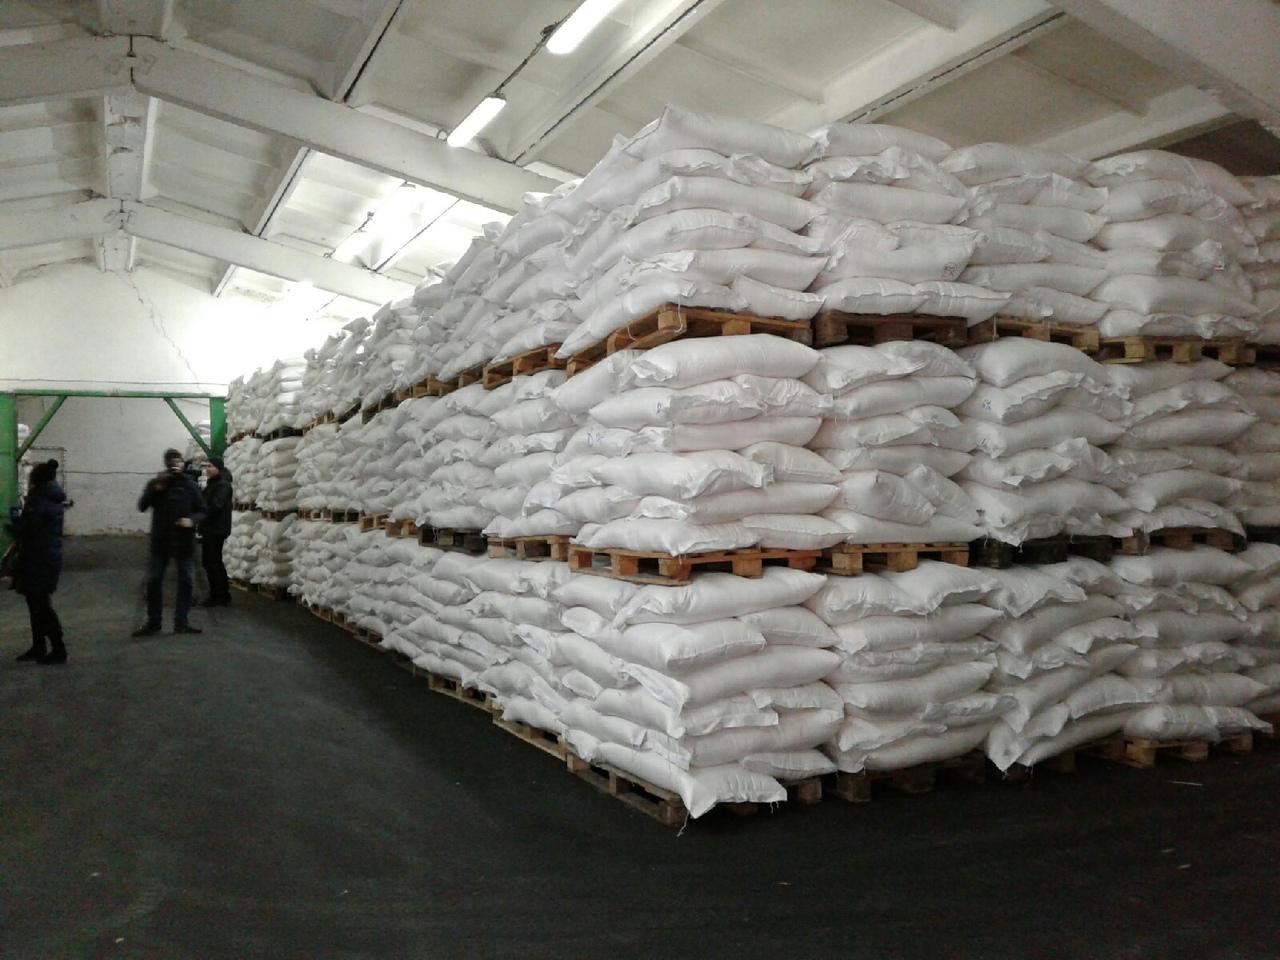 Цены на сахар выросли на 78 % – поставщик #Омск #Общество #Сегодня